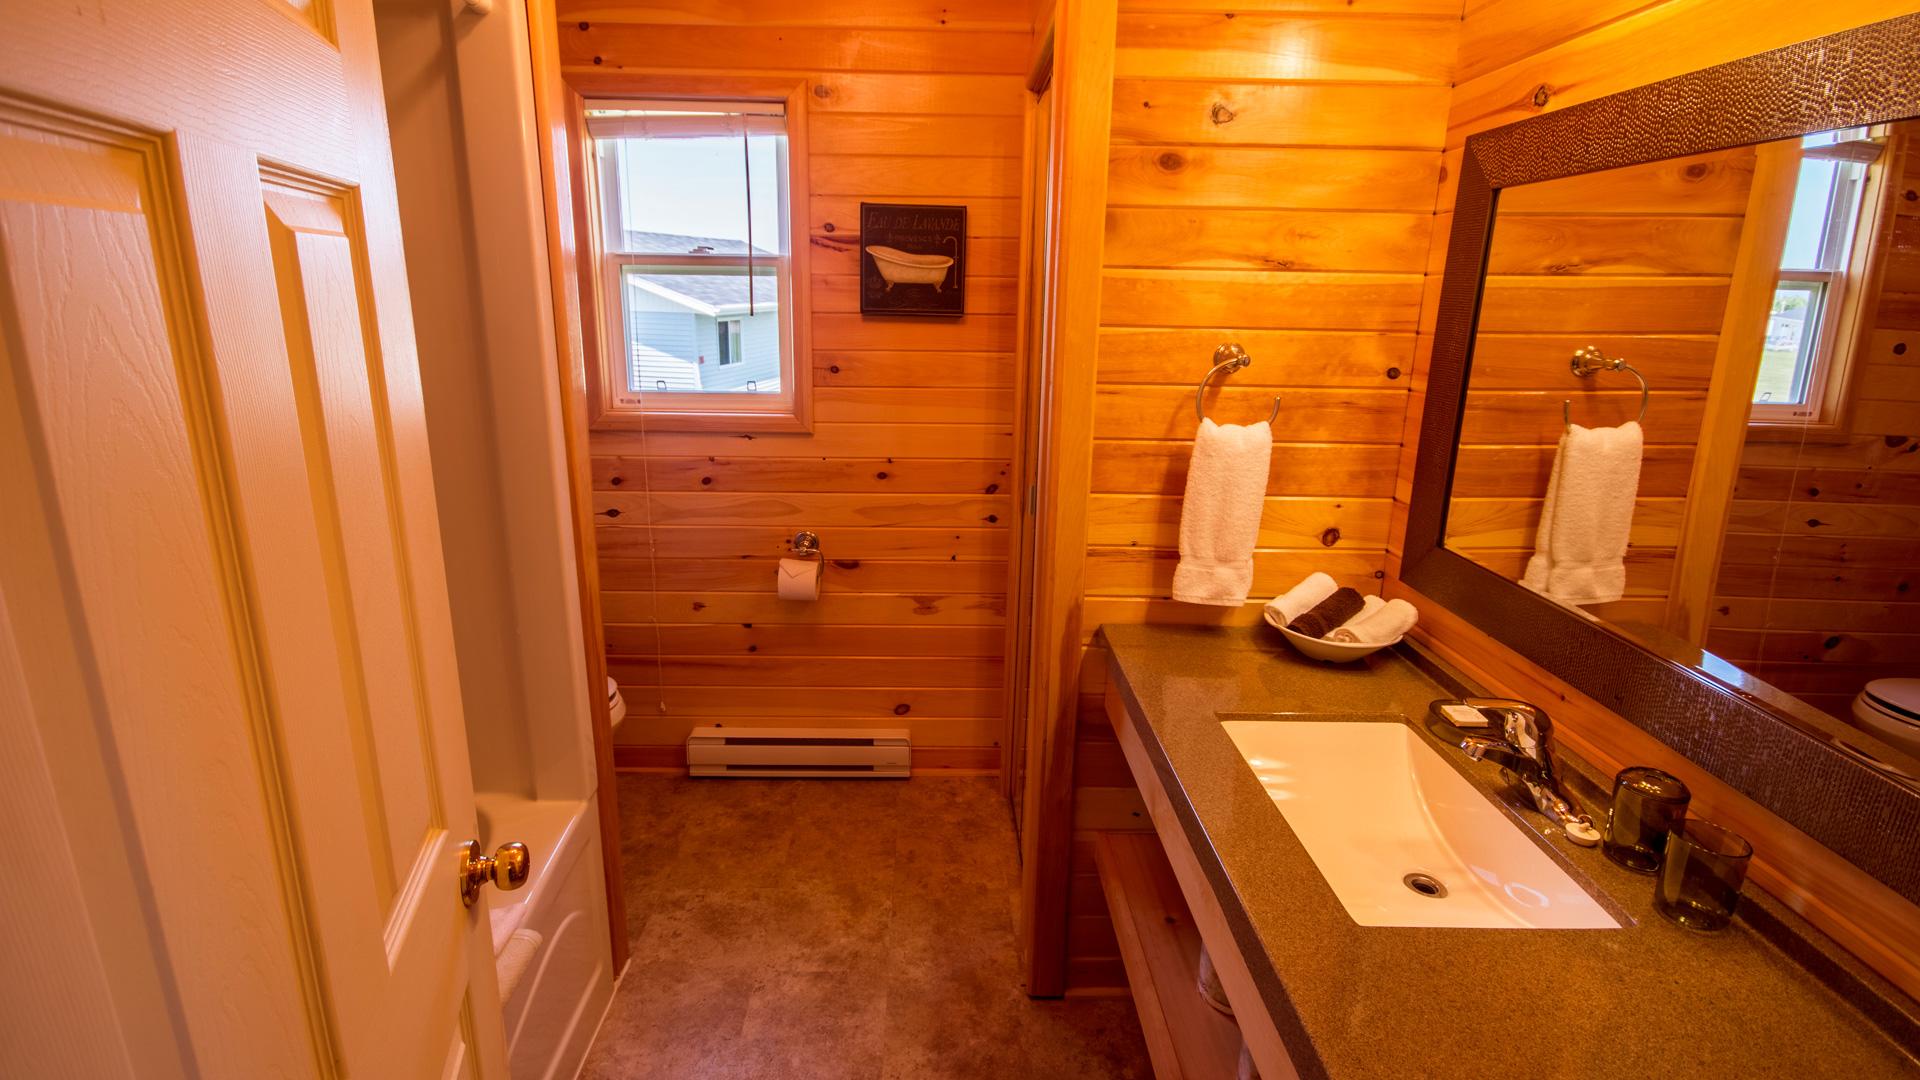 4 Bedroom-Bathroom